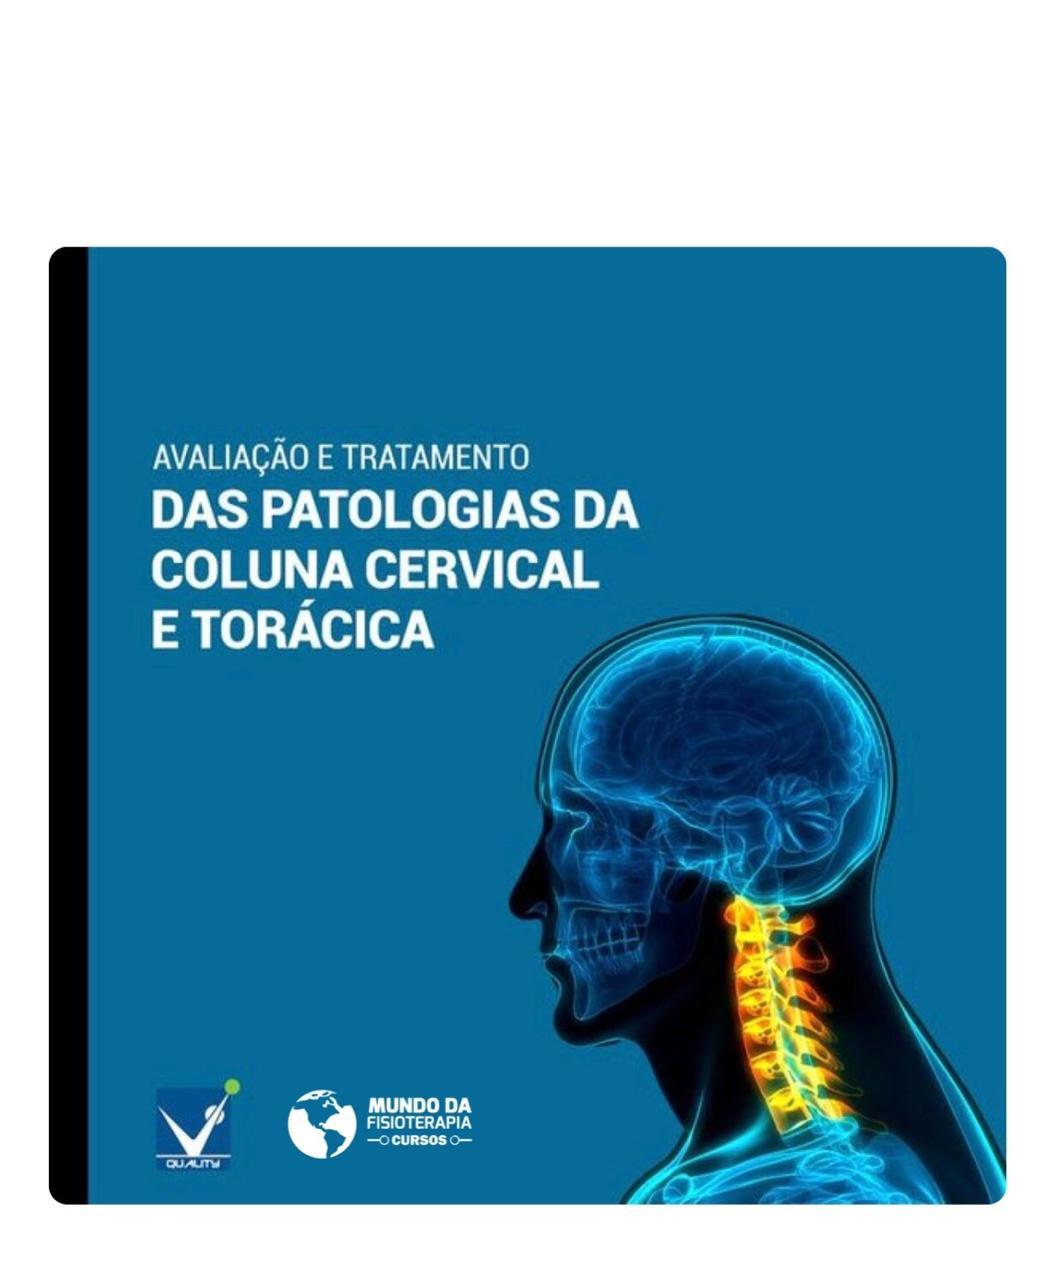 Curso Avaliação e Tratamento Cervical e Torácica / Escolioses / Mecano-manual